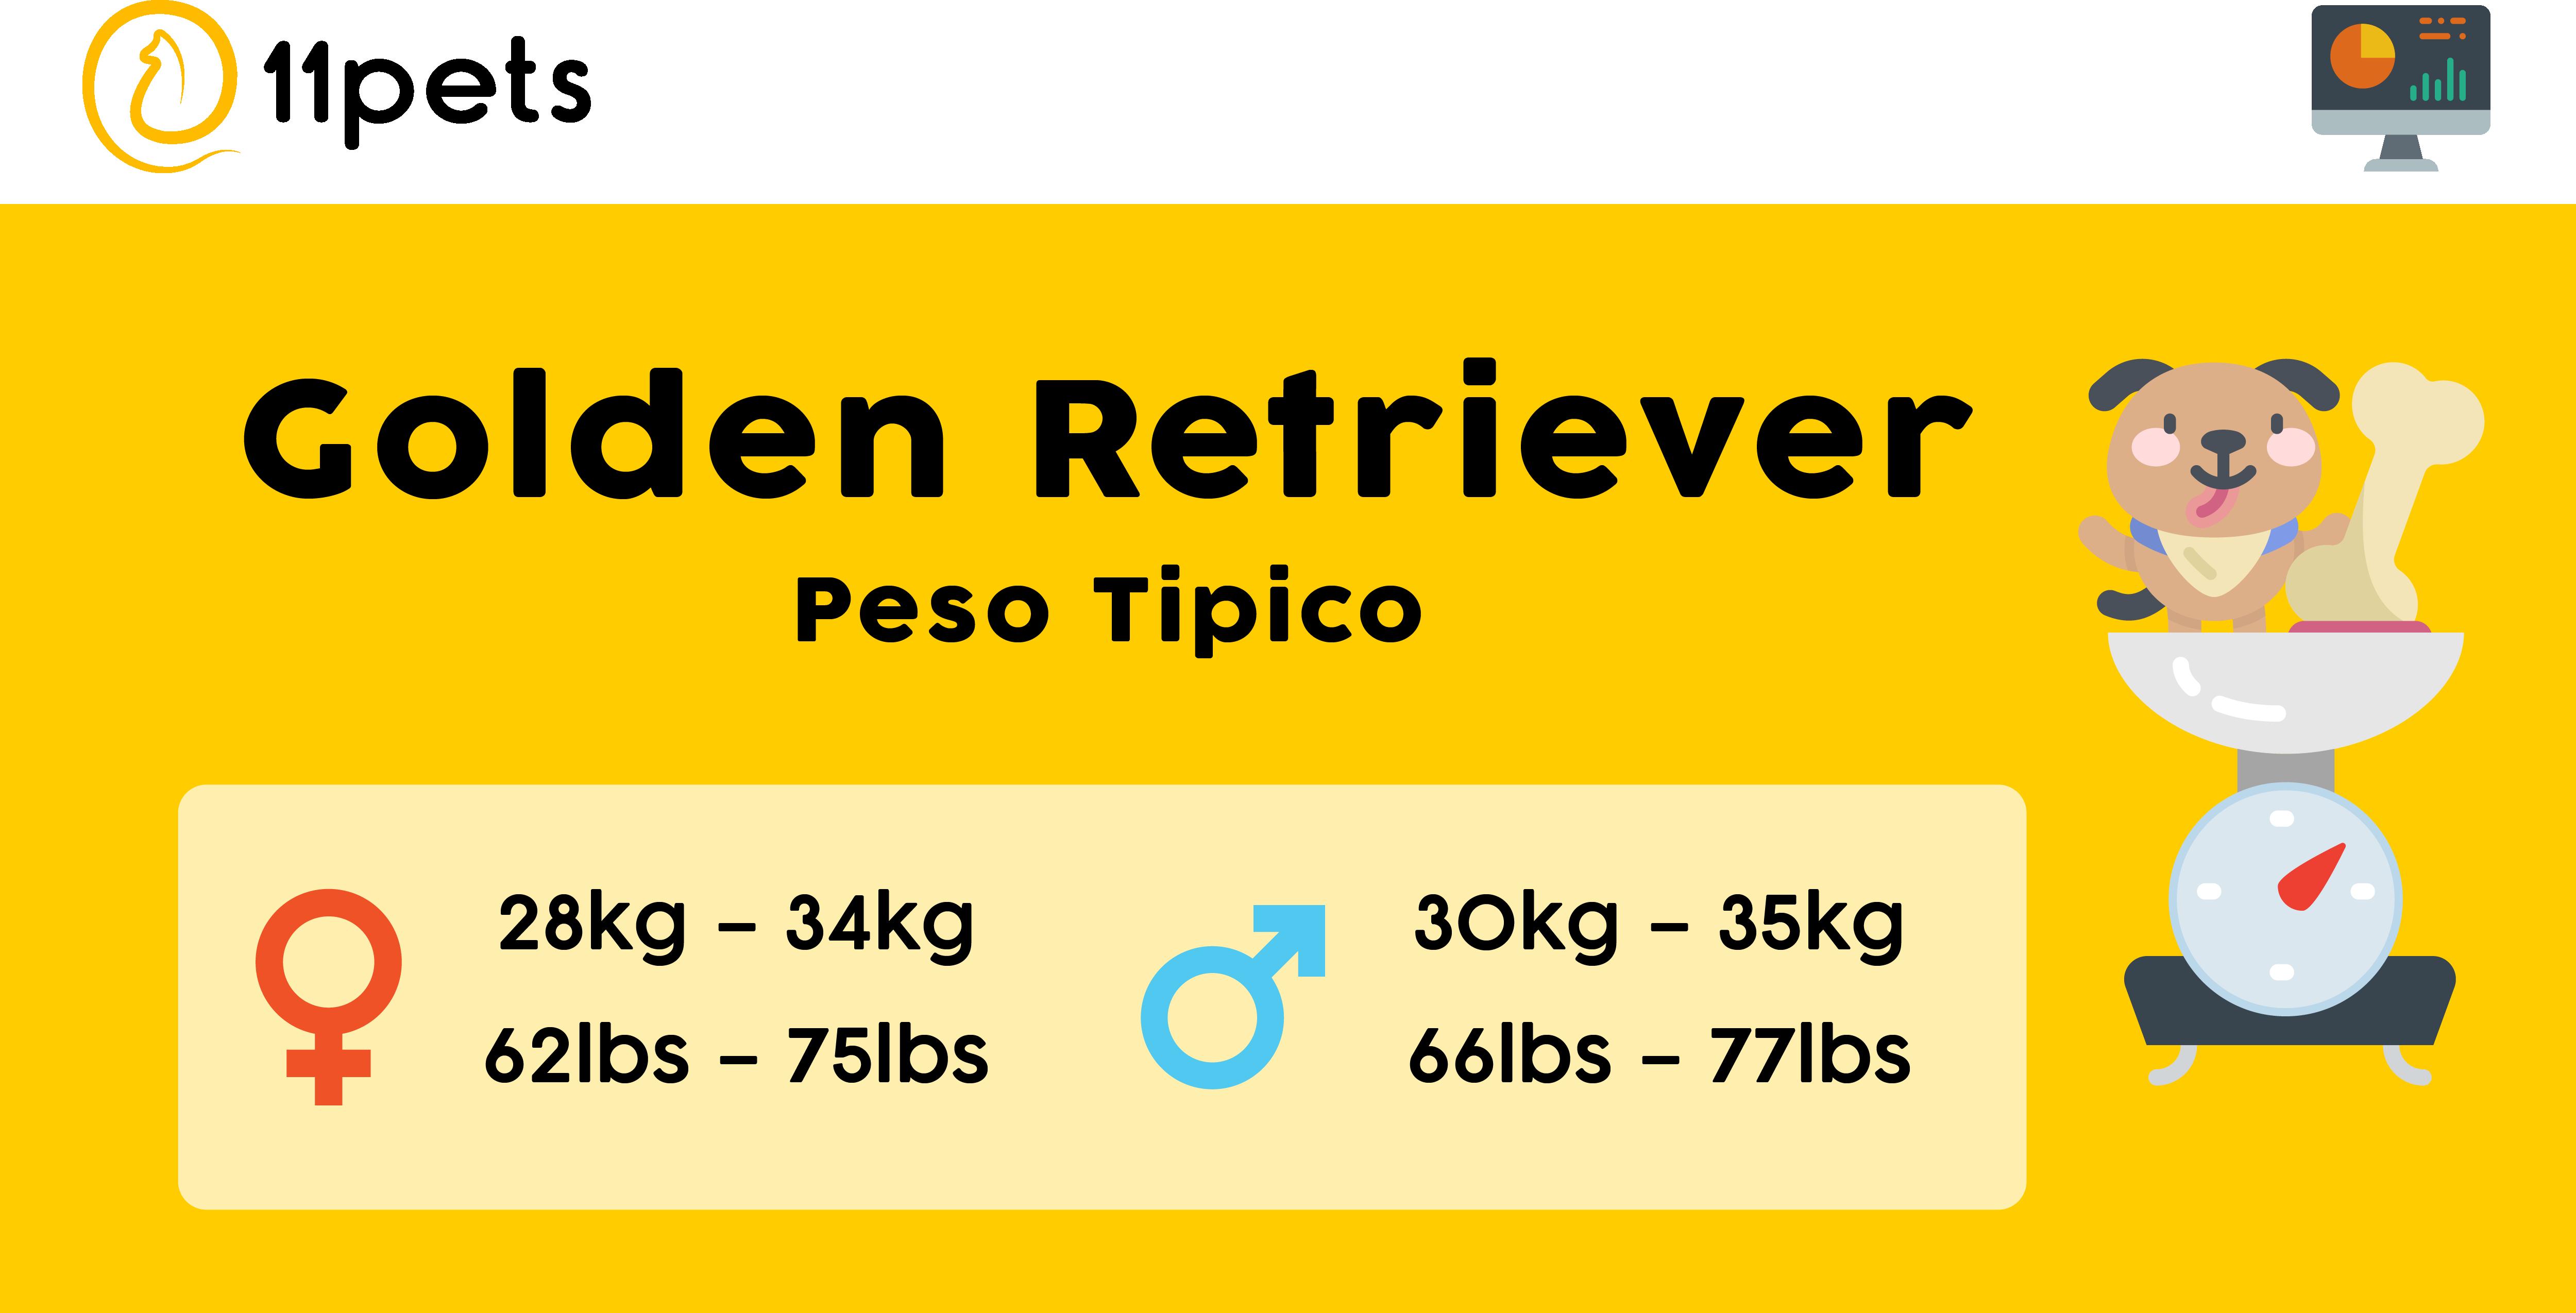 Peso tipico perros de raza Golden Retriever